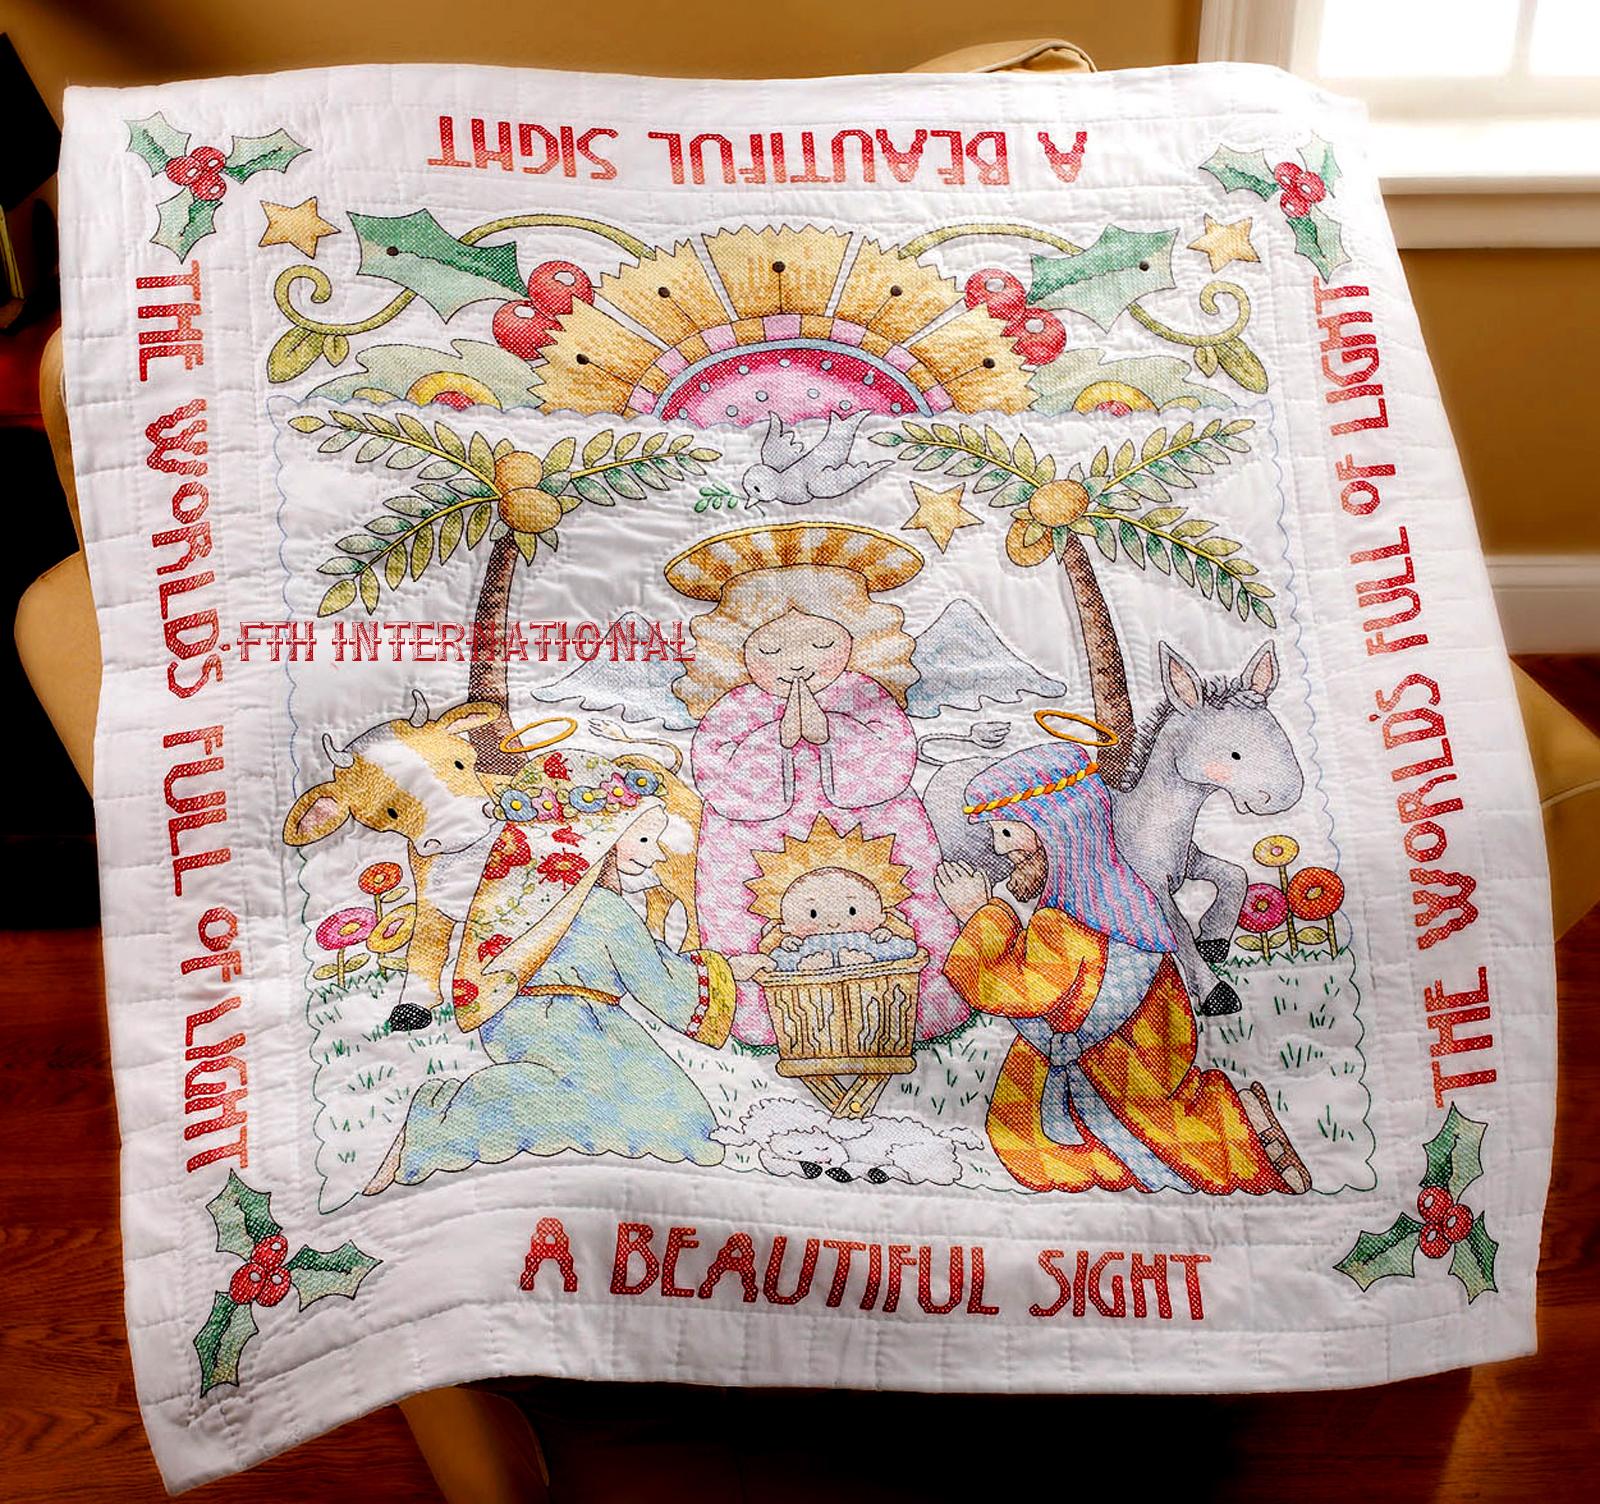 Beautiful Sight Bucilla Stamped Cross Stitch Kit #86192 - FTH International Sales Ltd.